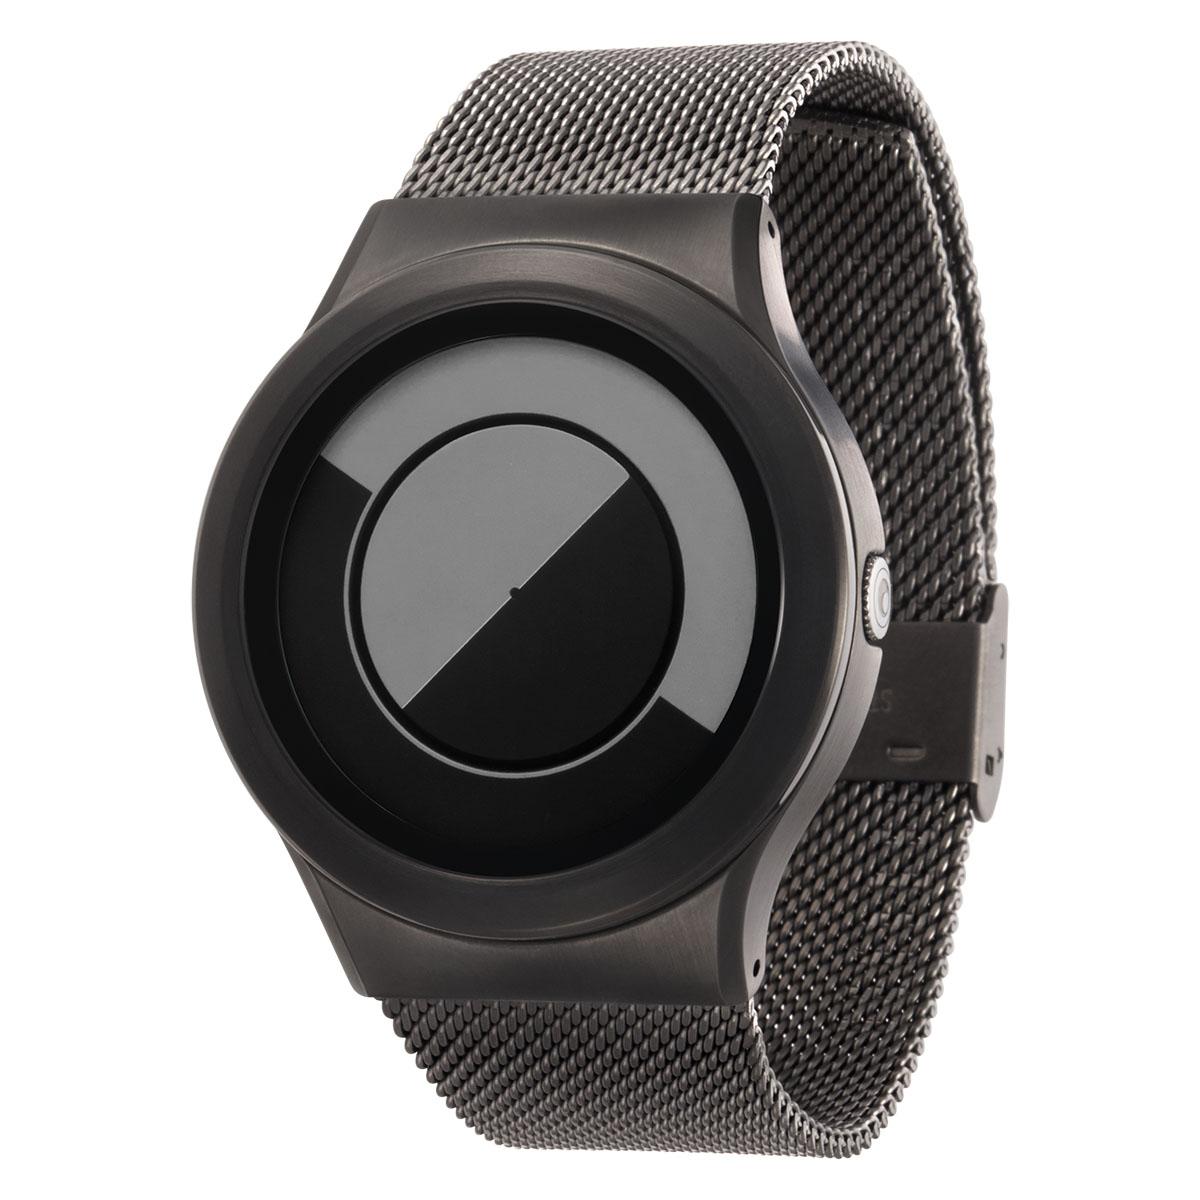 ファッションウォッチ デザインウォッチ 5ATM メーカー保障12ヶ月 ベルト調整用工具 LOGO入りクロス 取扱説明書 ZIIIROとは関係ありません ZEROOTIME ゼロタイム ZEROO QUARTER おしゃれ時計 レディース W08035B02SM02 メンズ デザイナーズ 腕時計 オーバーのアイテム取扱☆ 電池式クォーツ グレイ MOON 商品追加値下げ在庫復活 ペア用 ゼロ ユニセックス